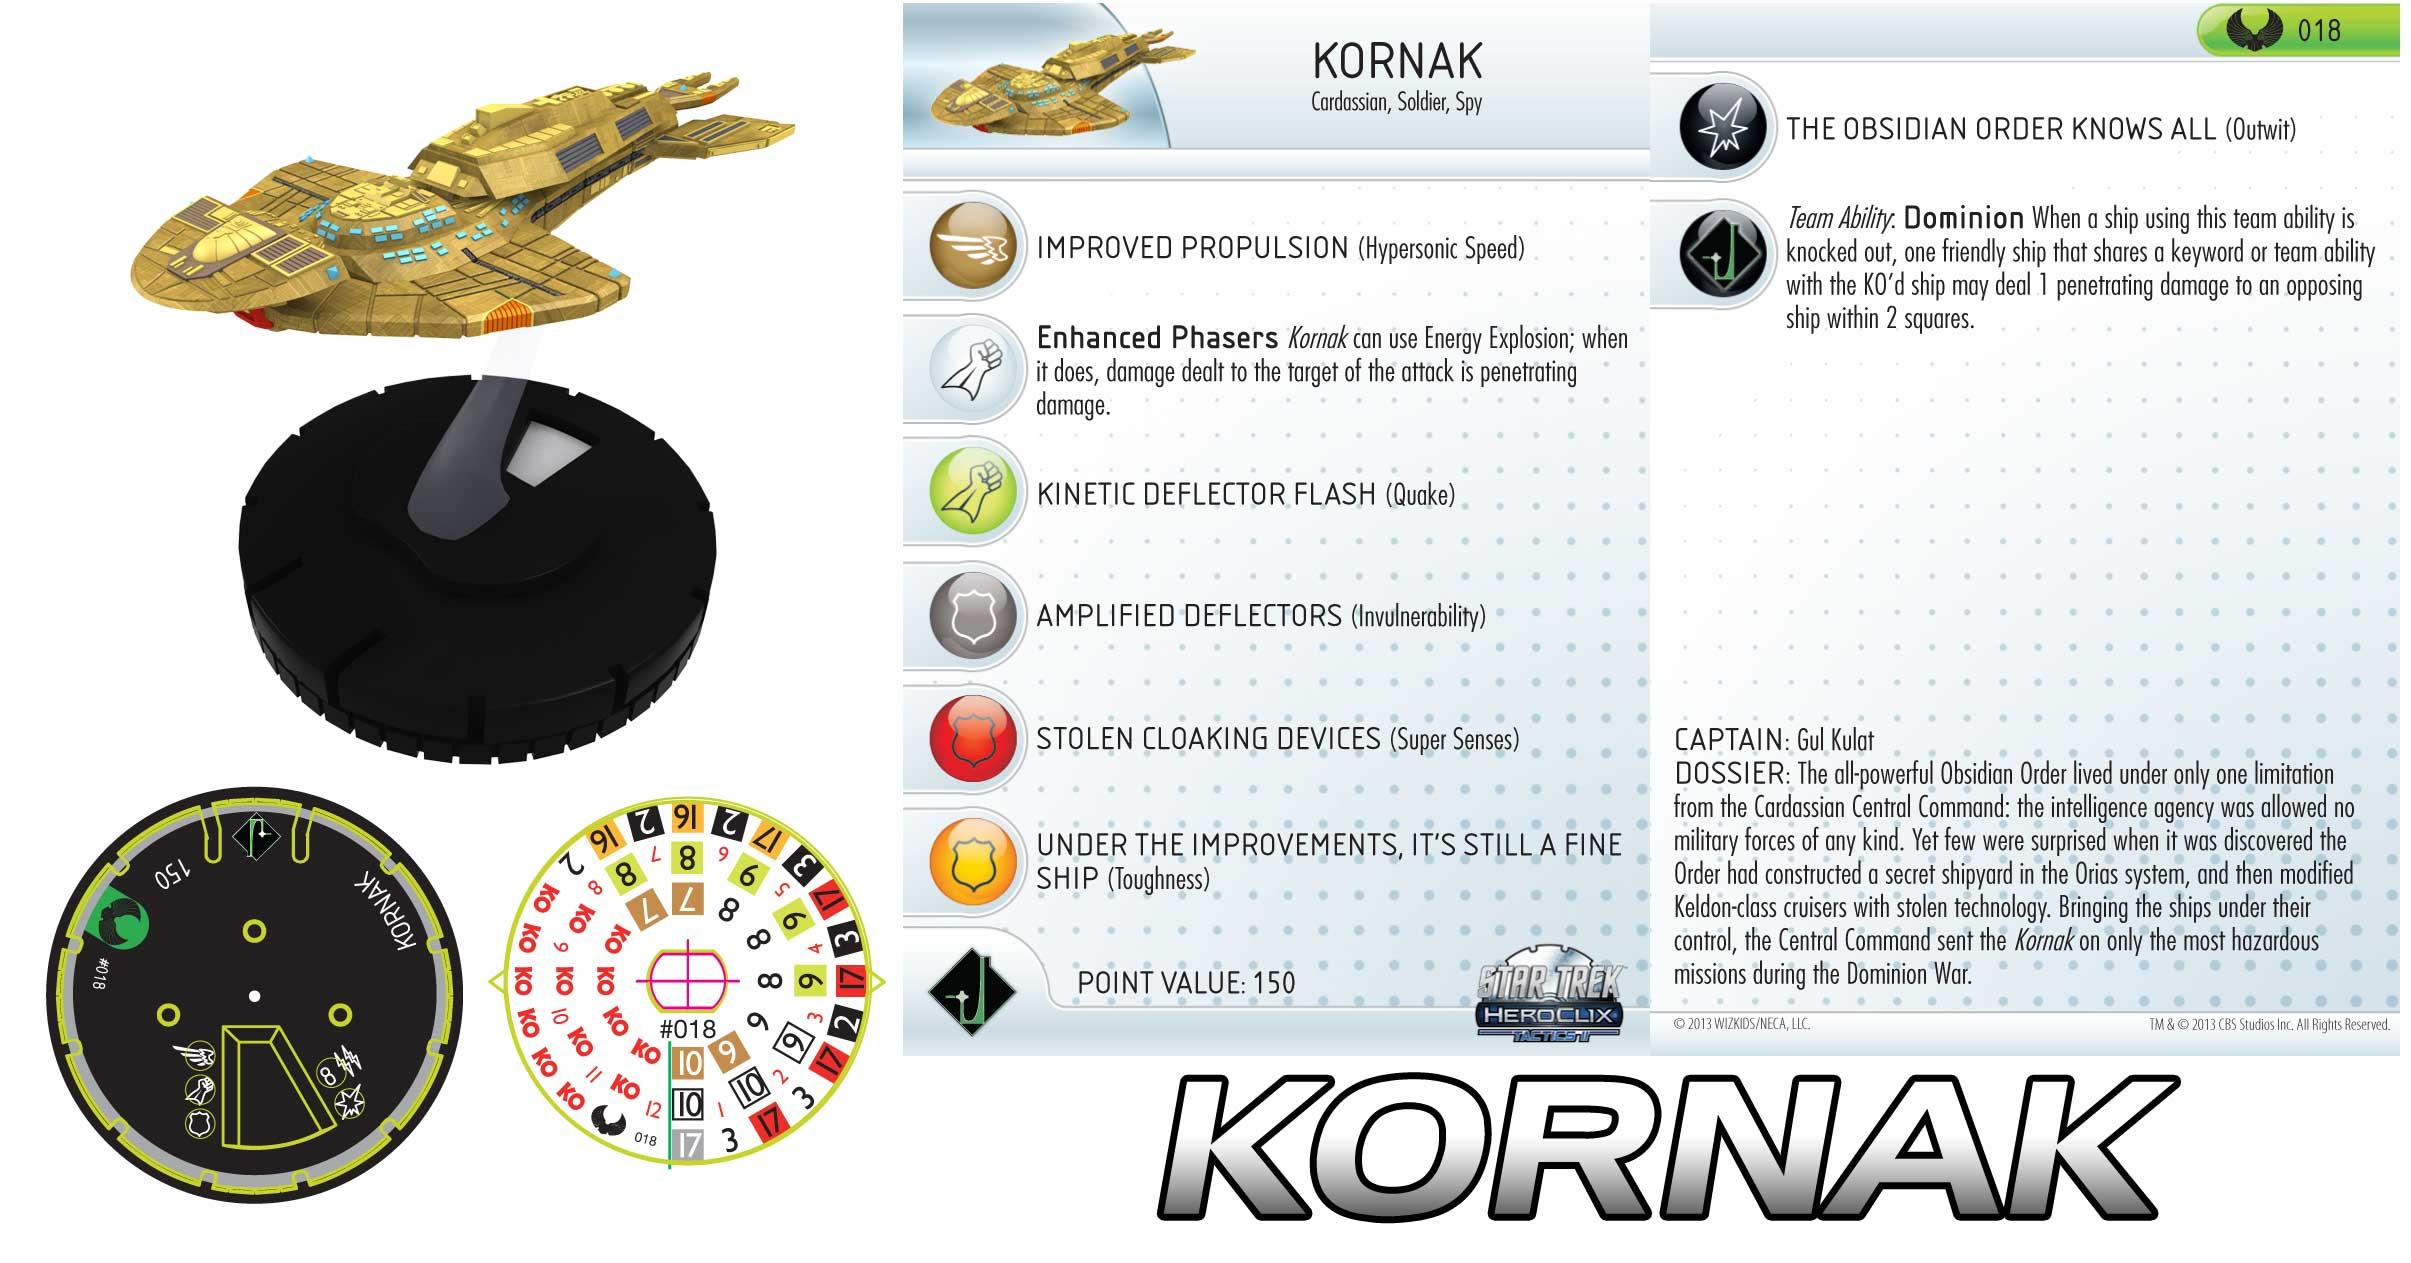 018-Kornak